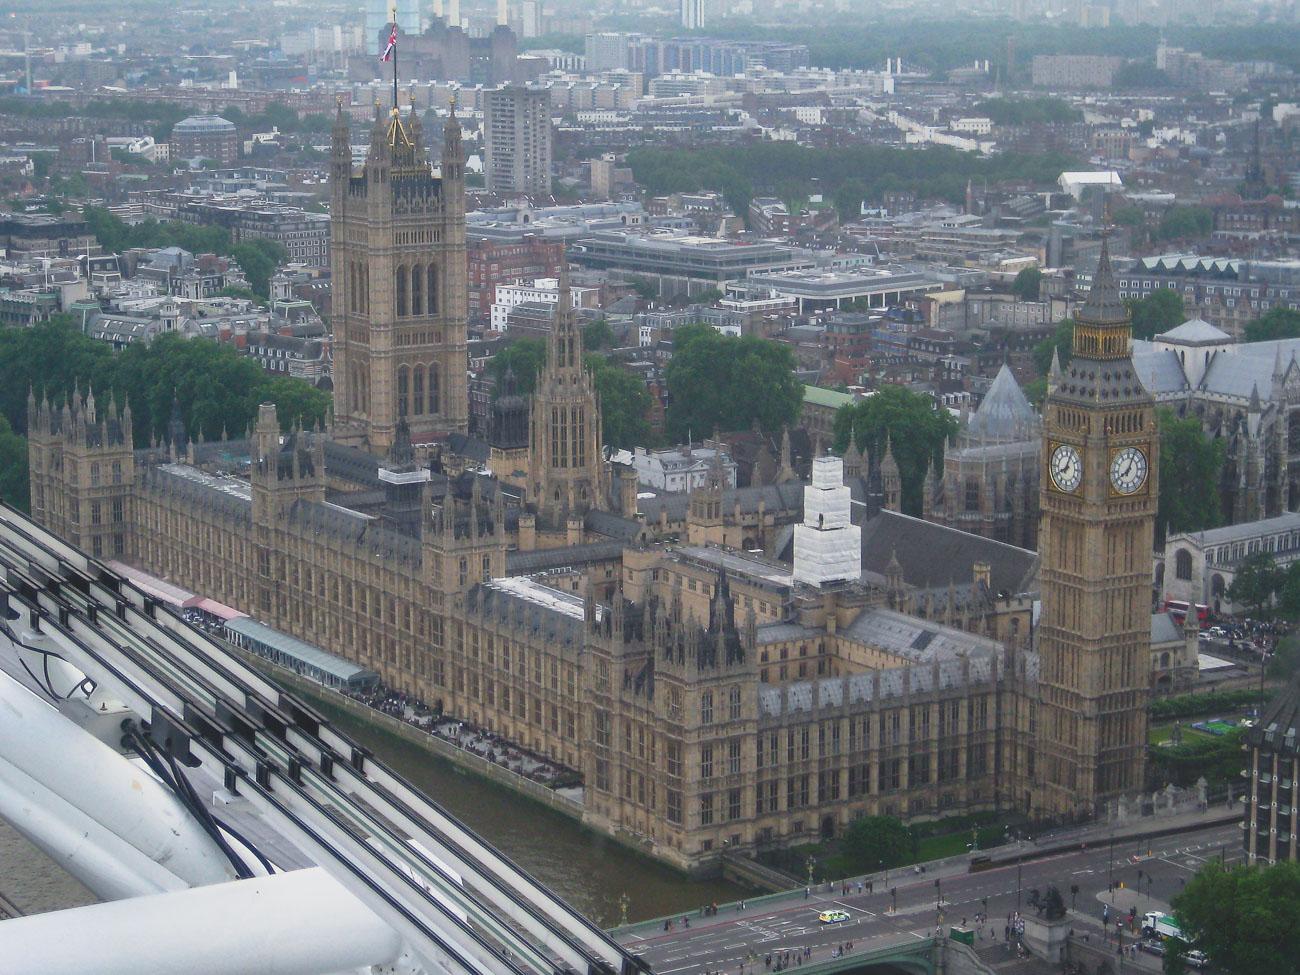 Londyn główne atrakcje